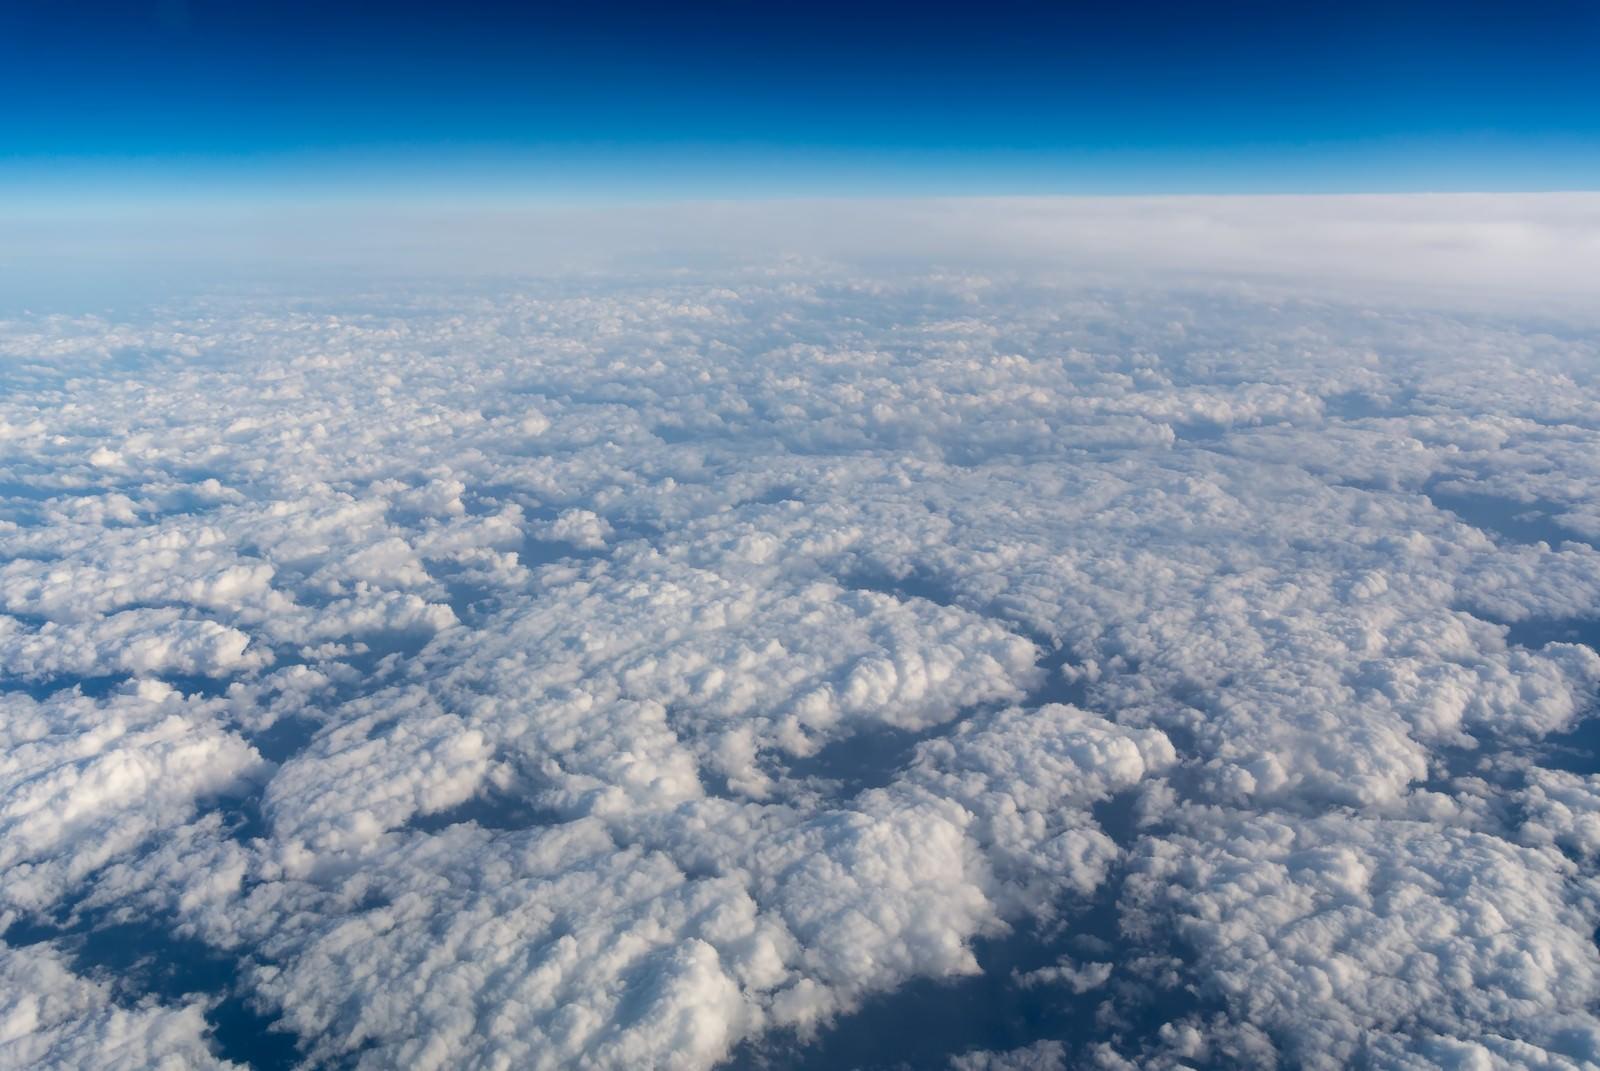 眼下に広がる雲